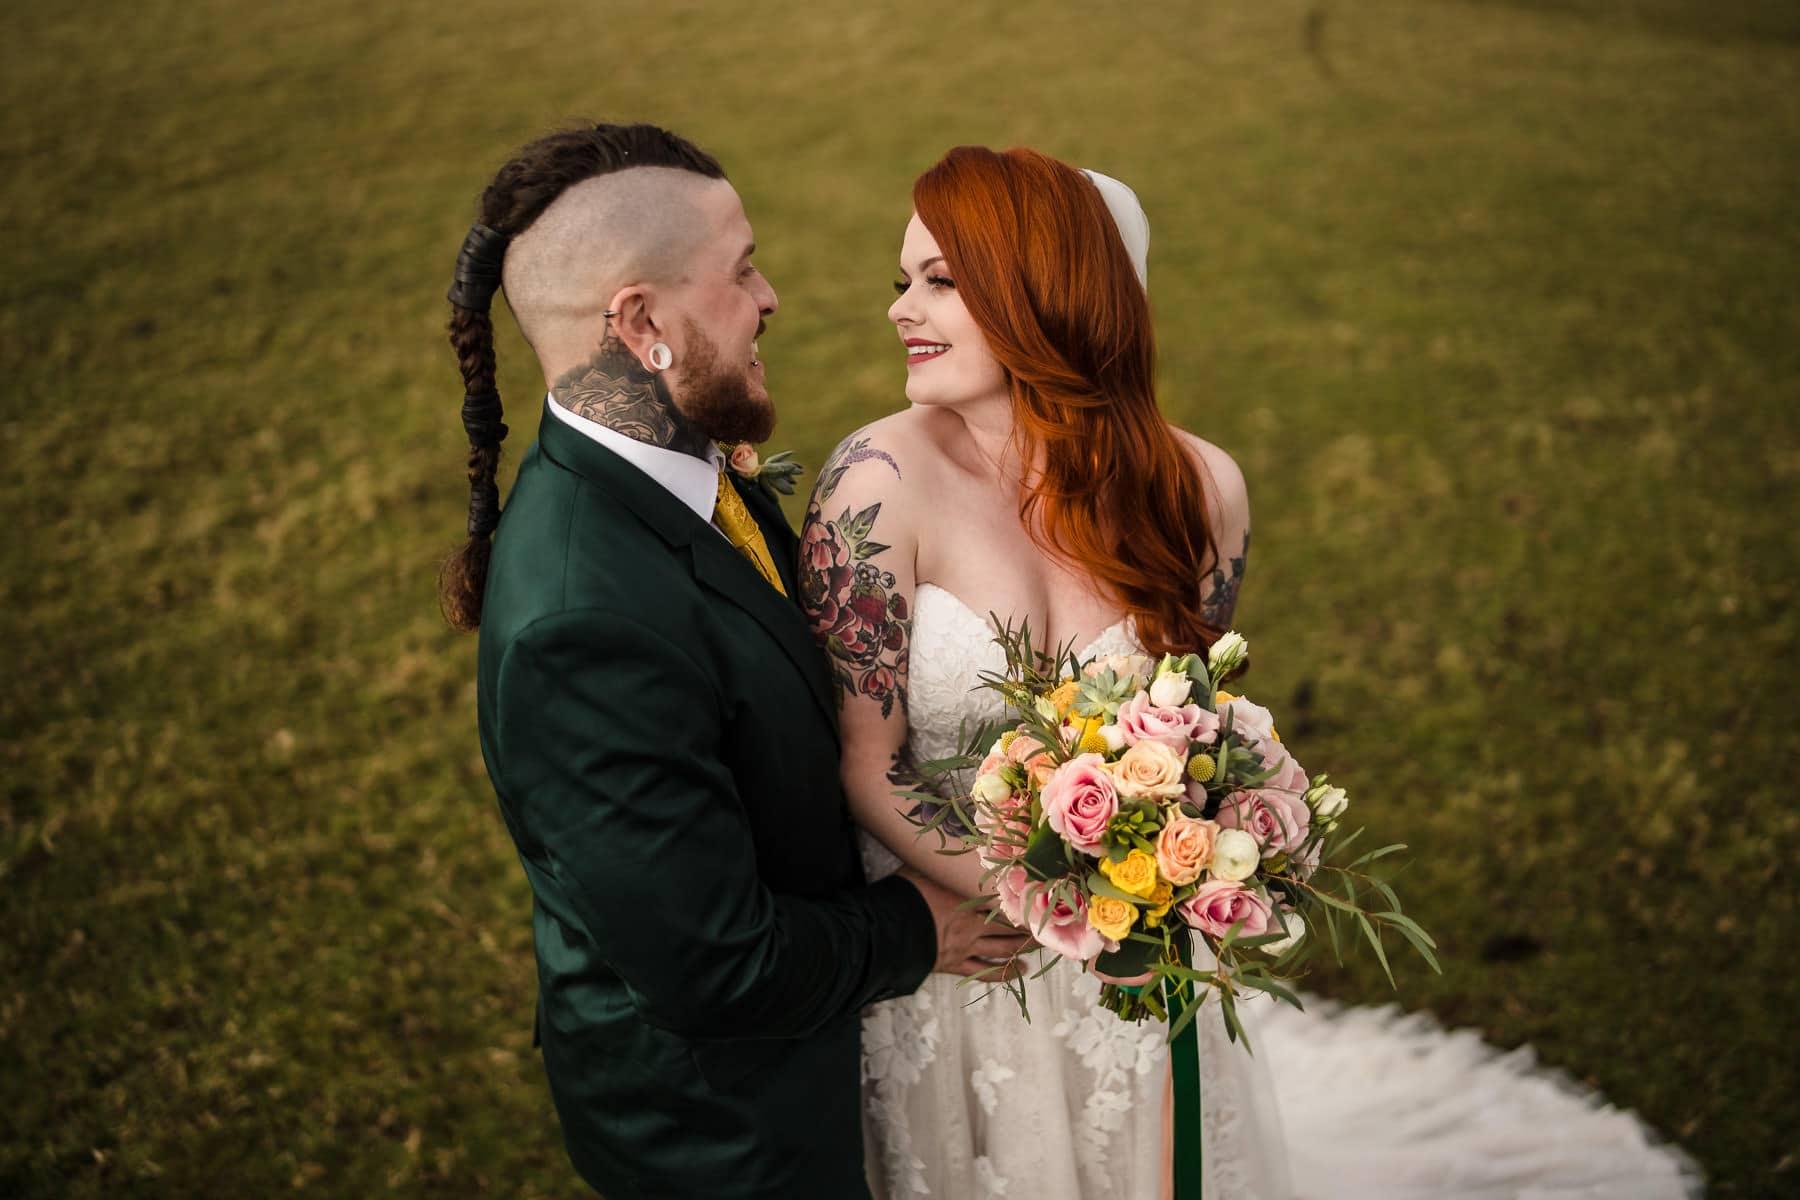 Viking Themed wedding photography